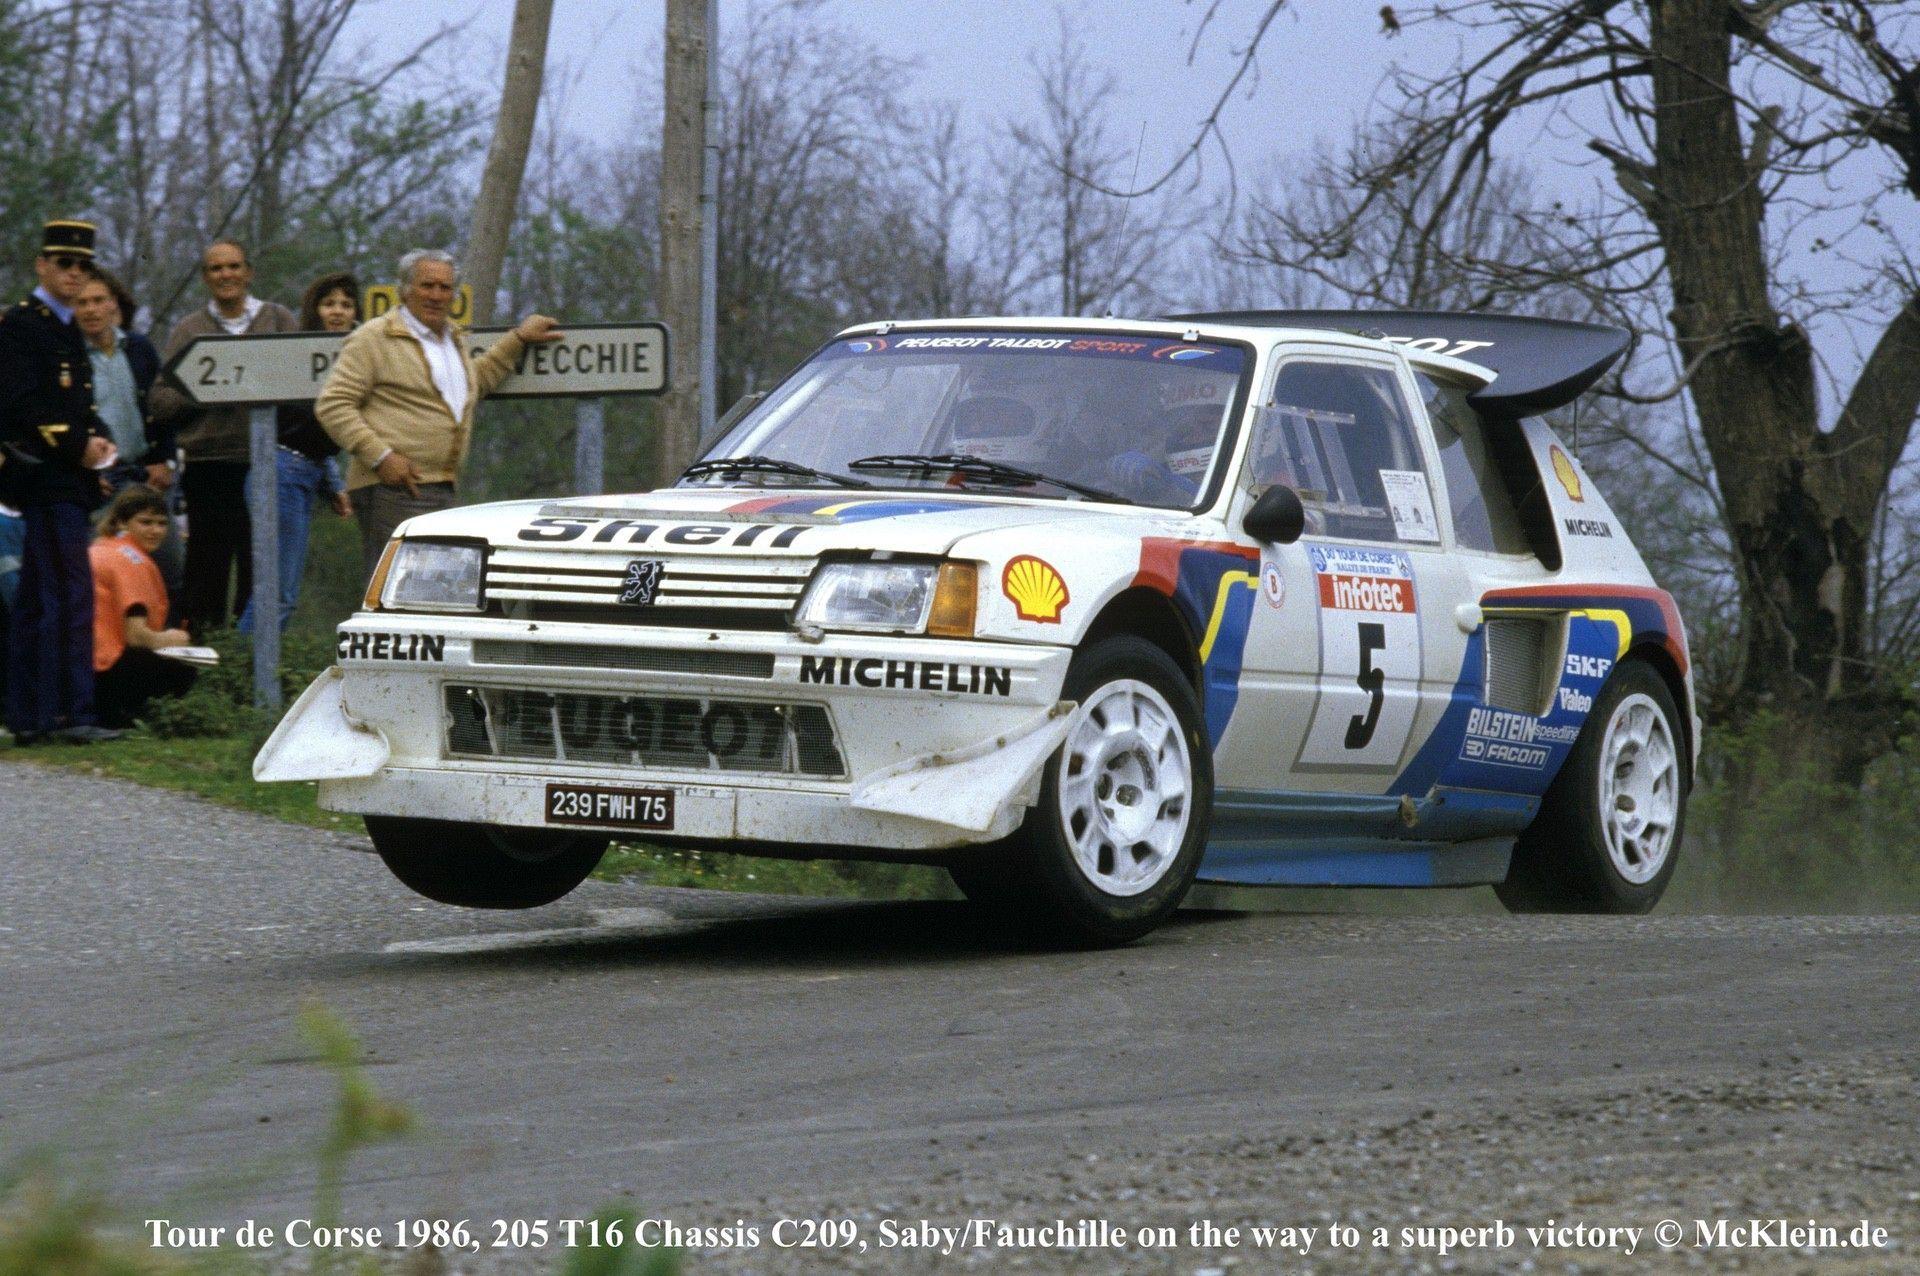 1985_Peugeot_205_Turbo_16_Evolution_2_sale-0000